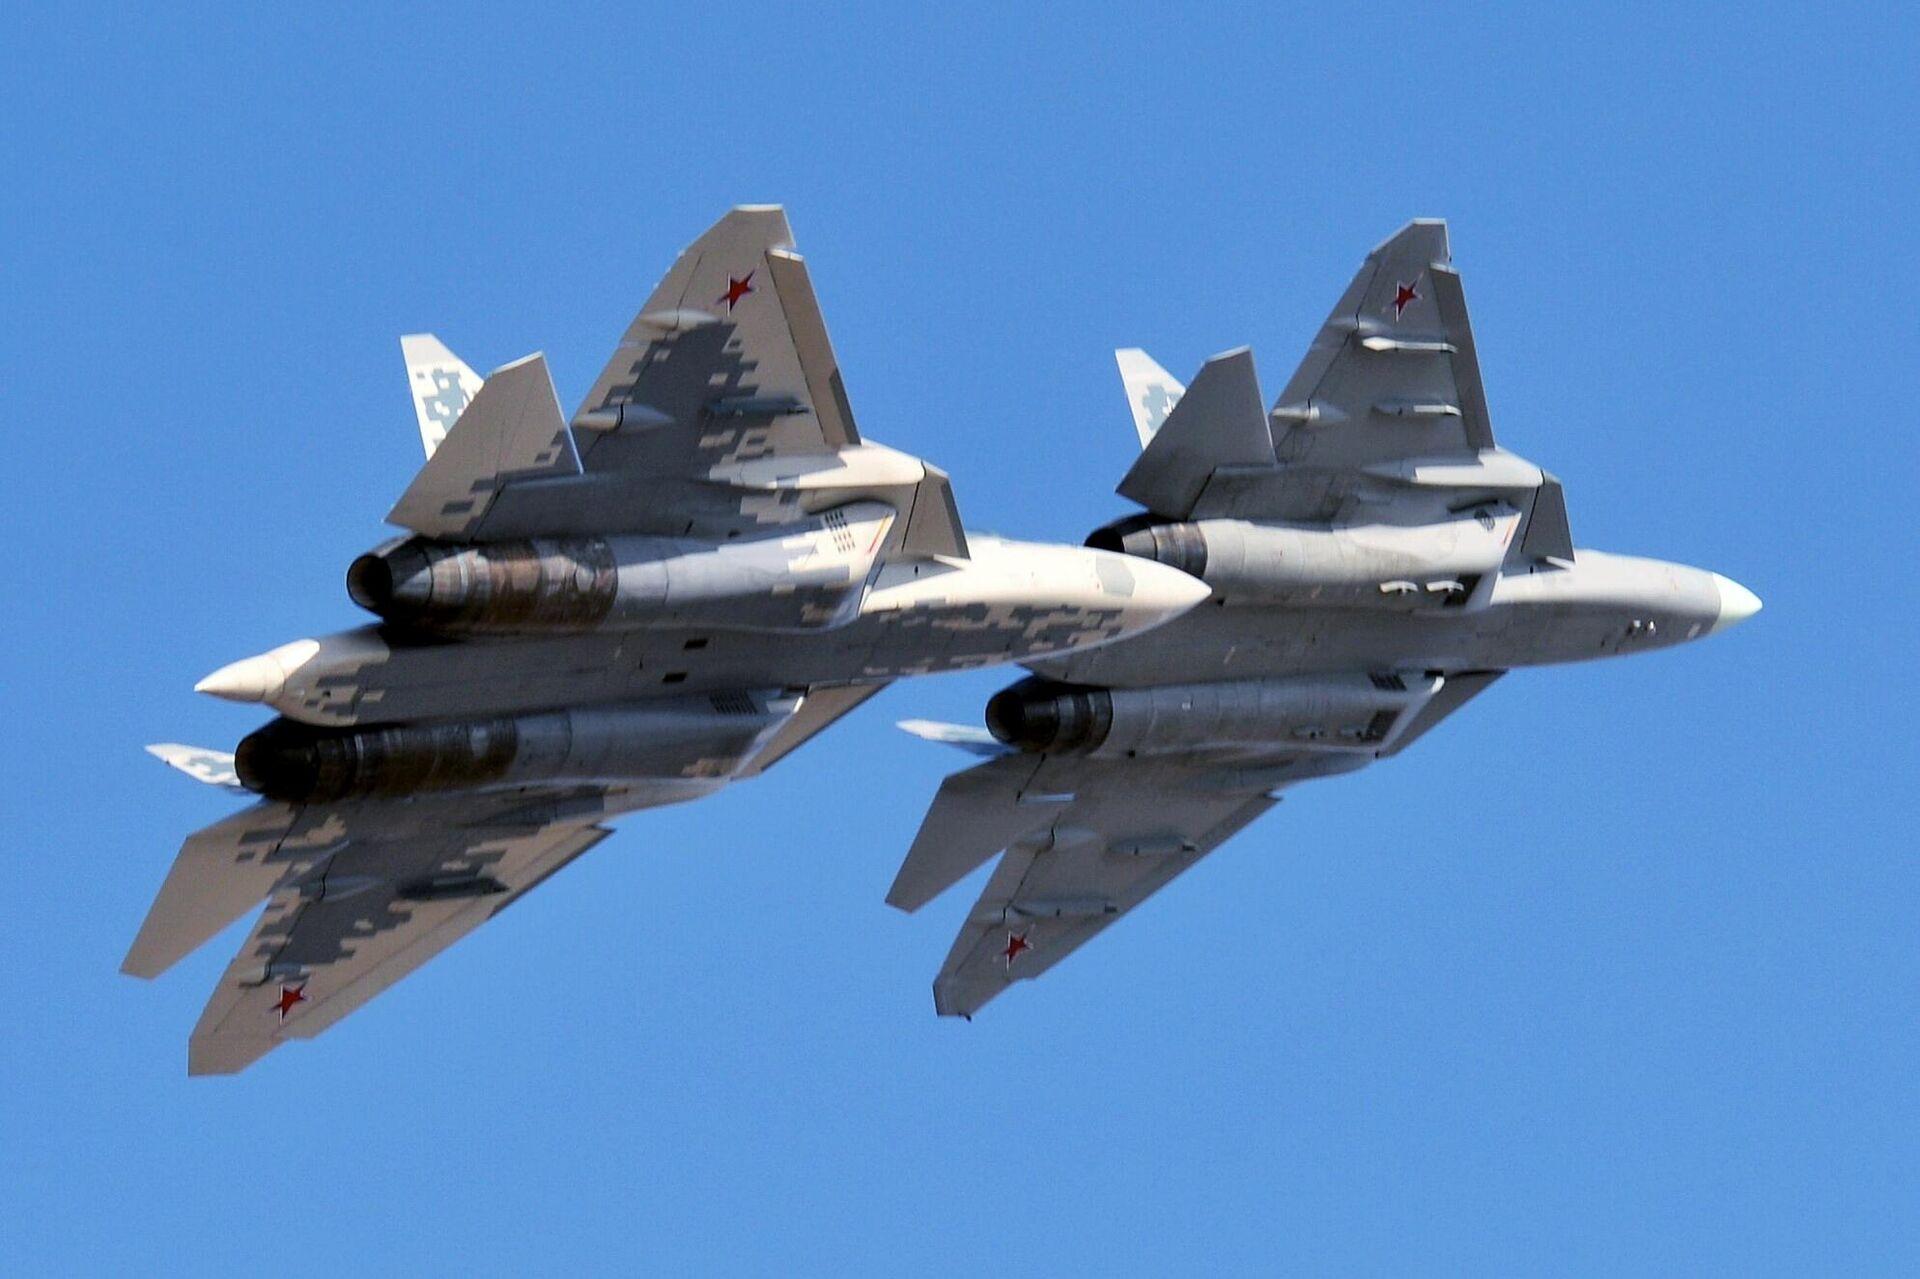 Многофункциональные истребители пятого поколения Су-57 - РИА Новости, 1920, 20.01.2021